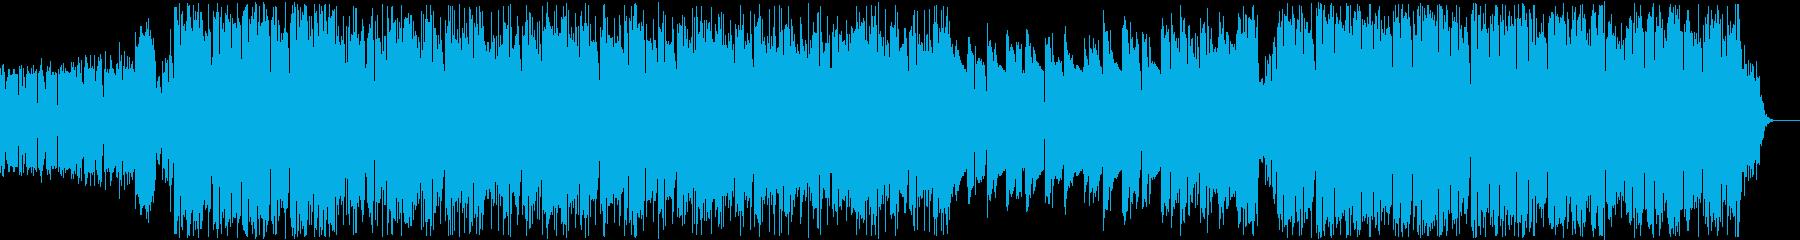 かわいいエレクトロ・ダンスポップ's reproduced waveform